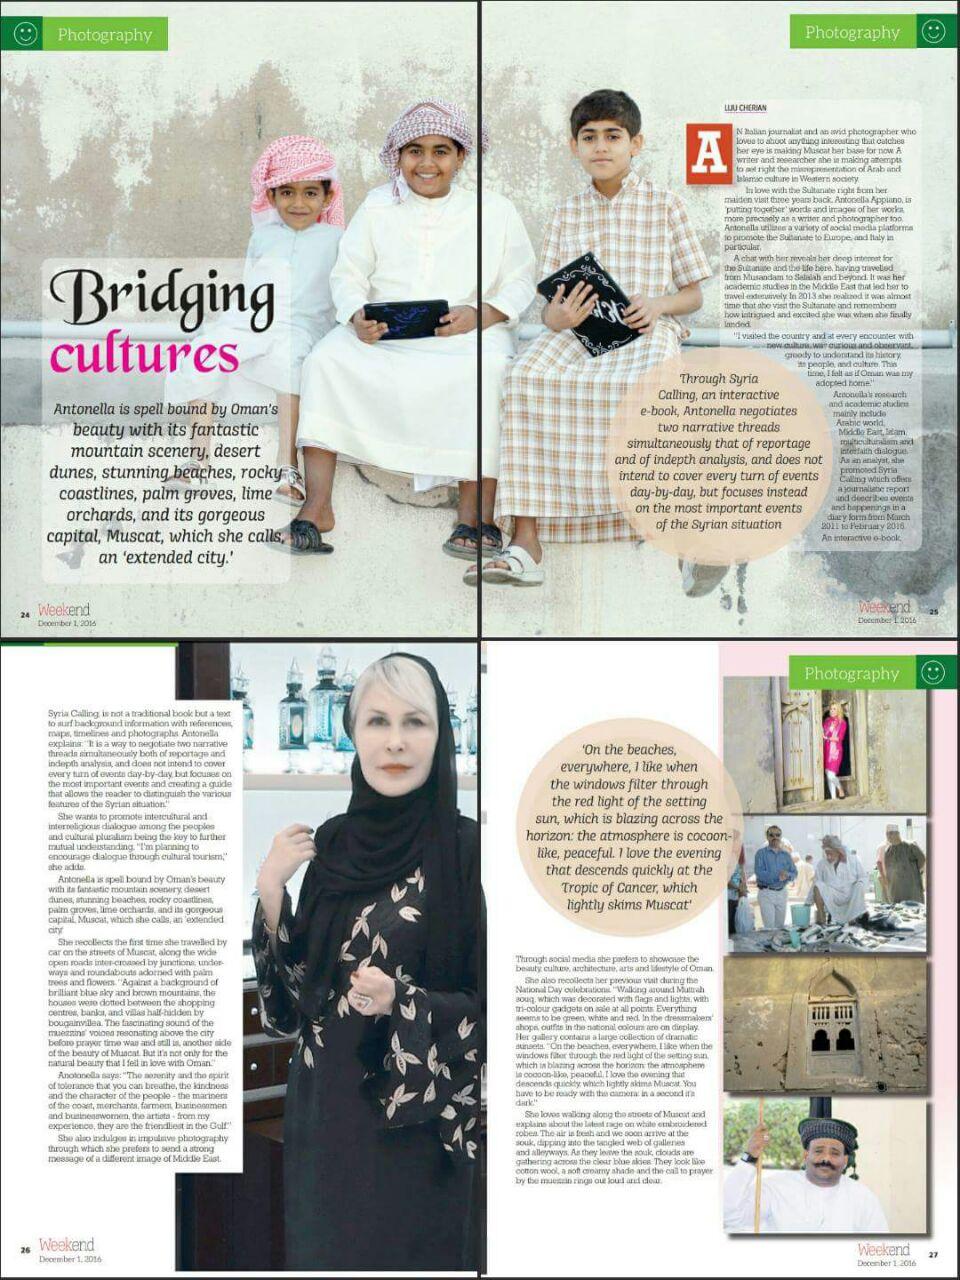 Bridging Cultures - Antonella Appiano interviewed on Weekend magazine Omanobserver